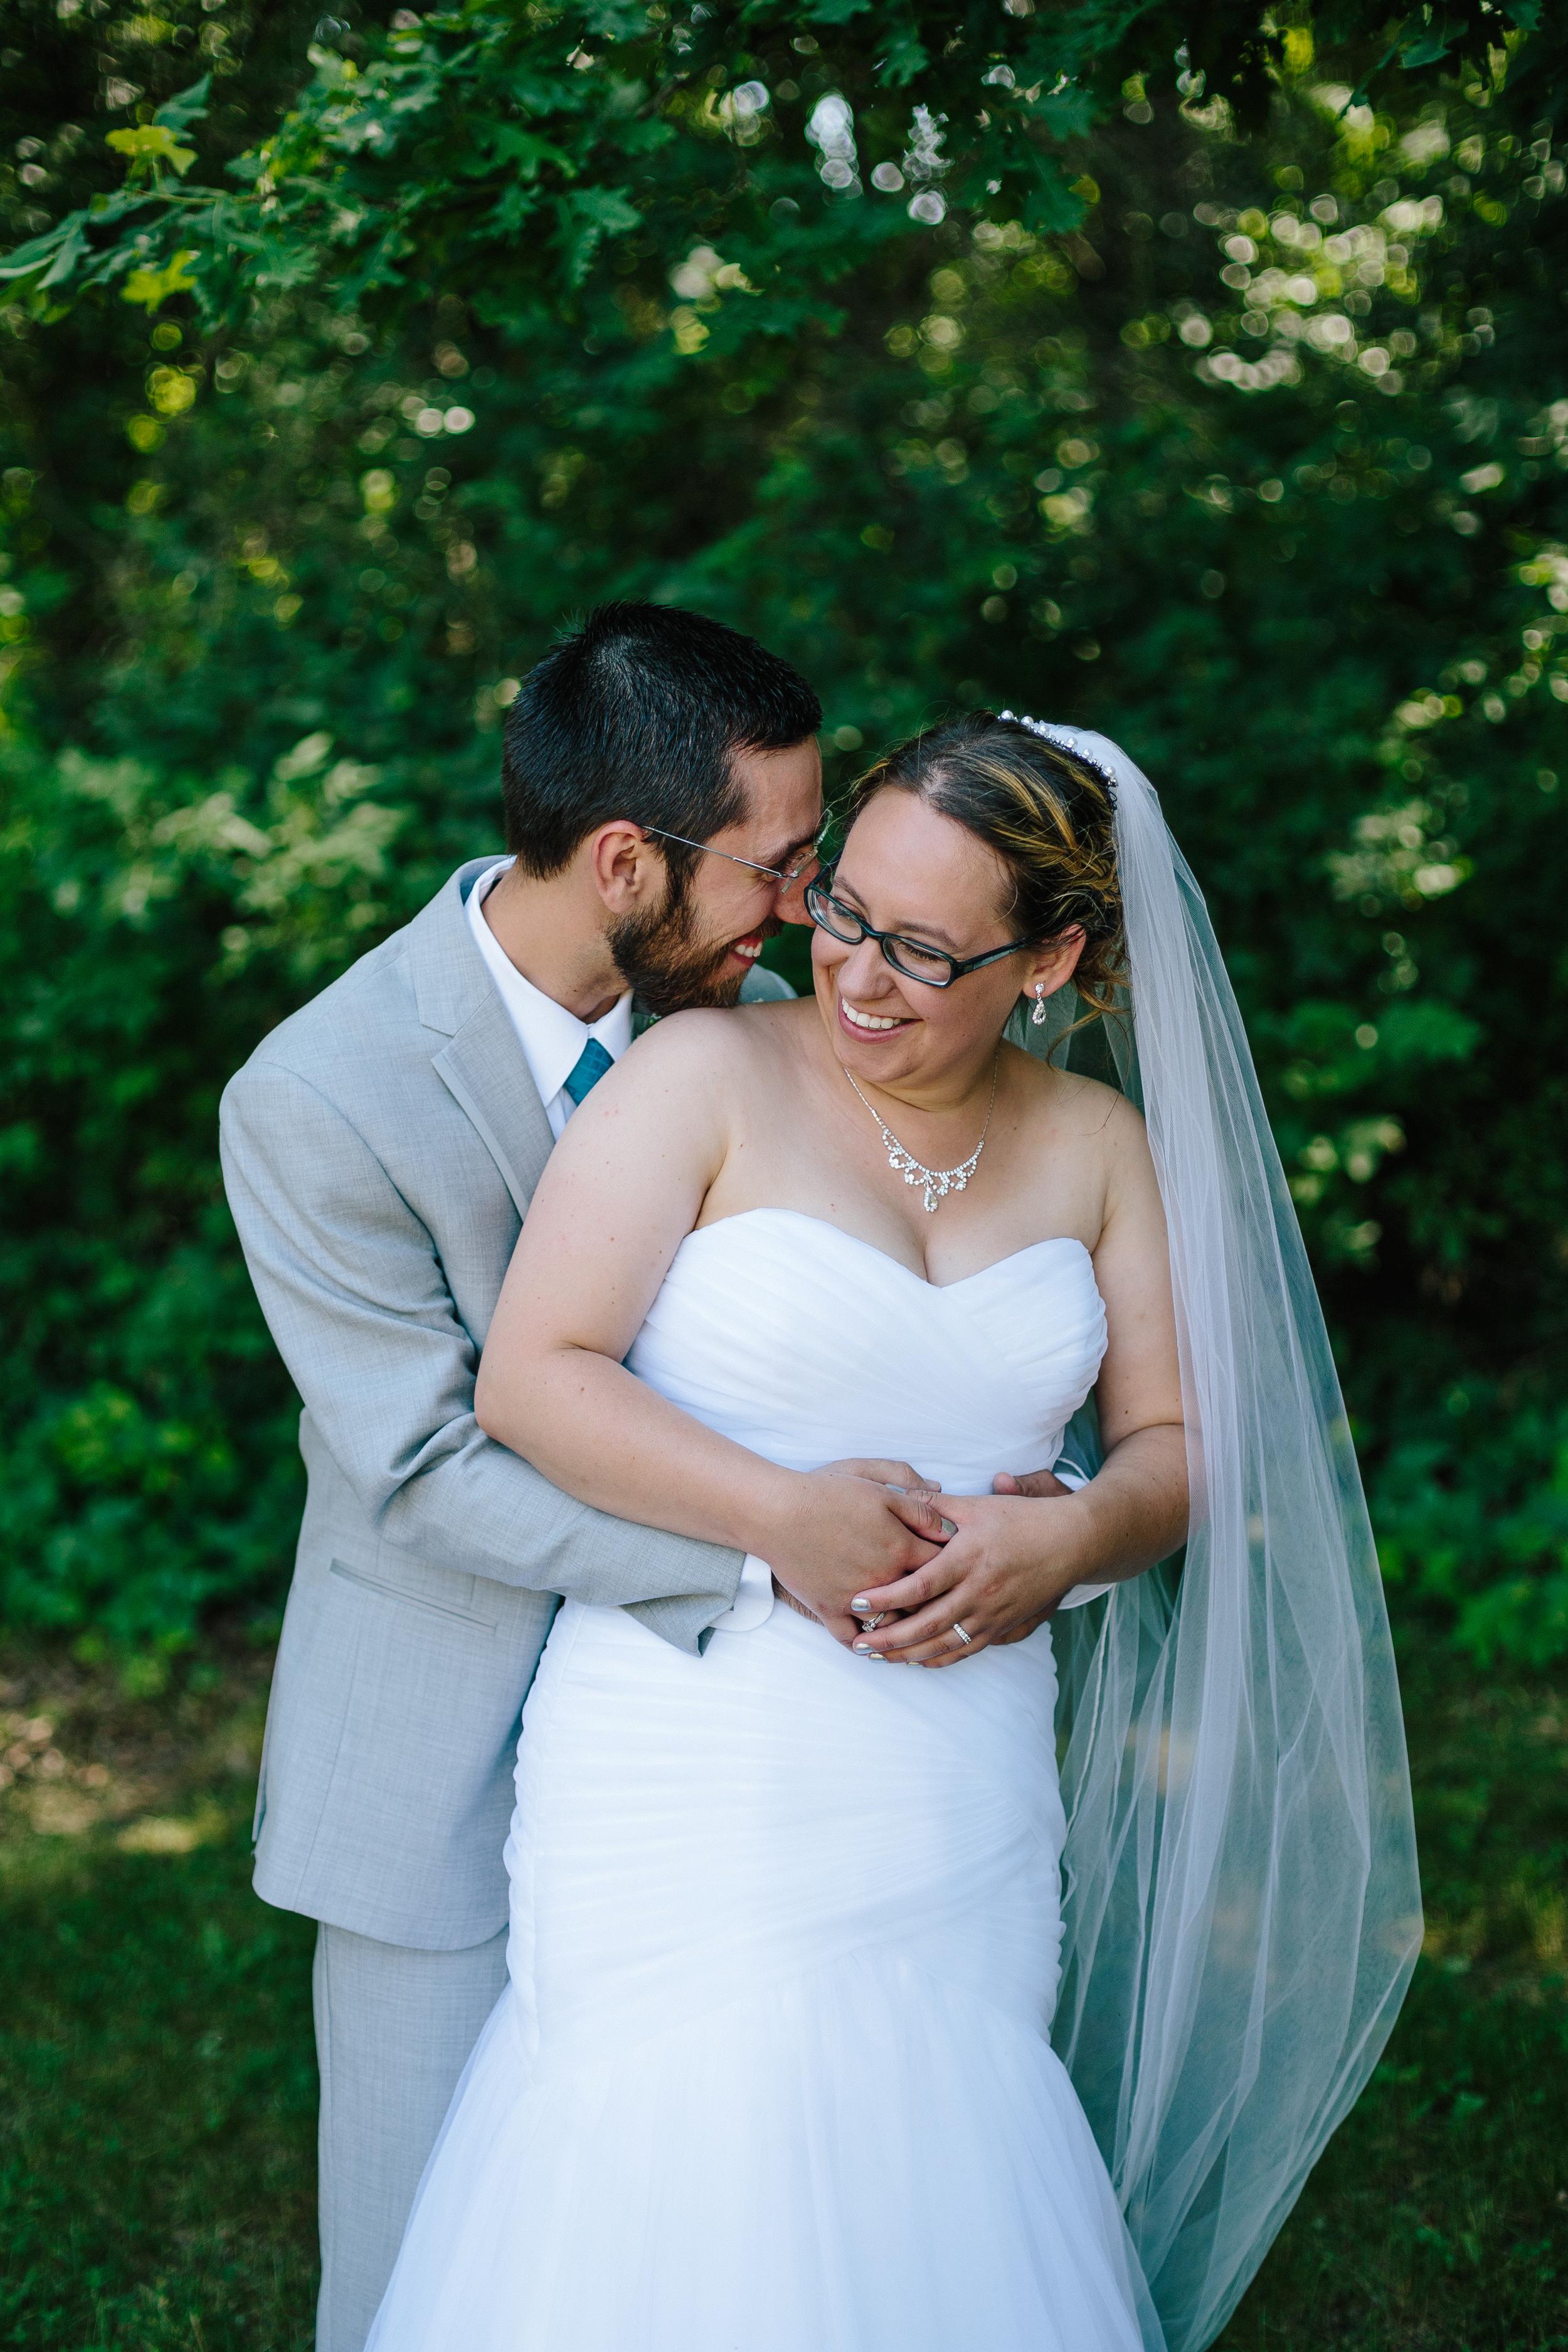 Peter & Rachel Married - South Bend, Indiana-389.jpg